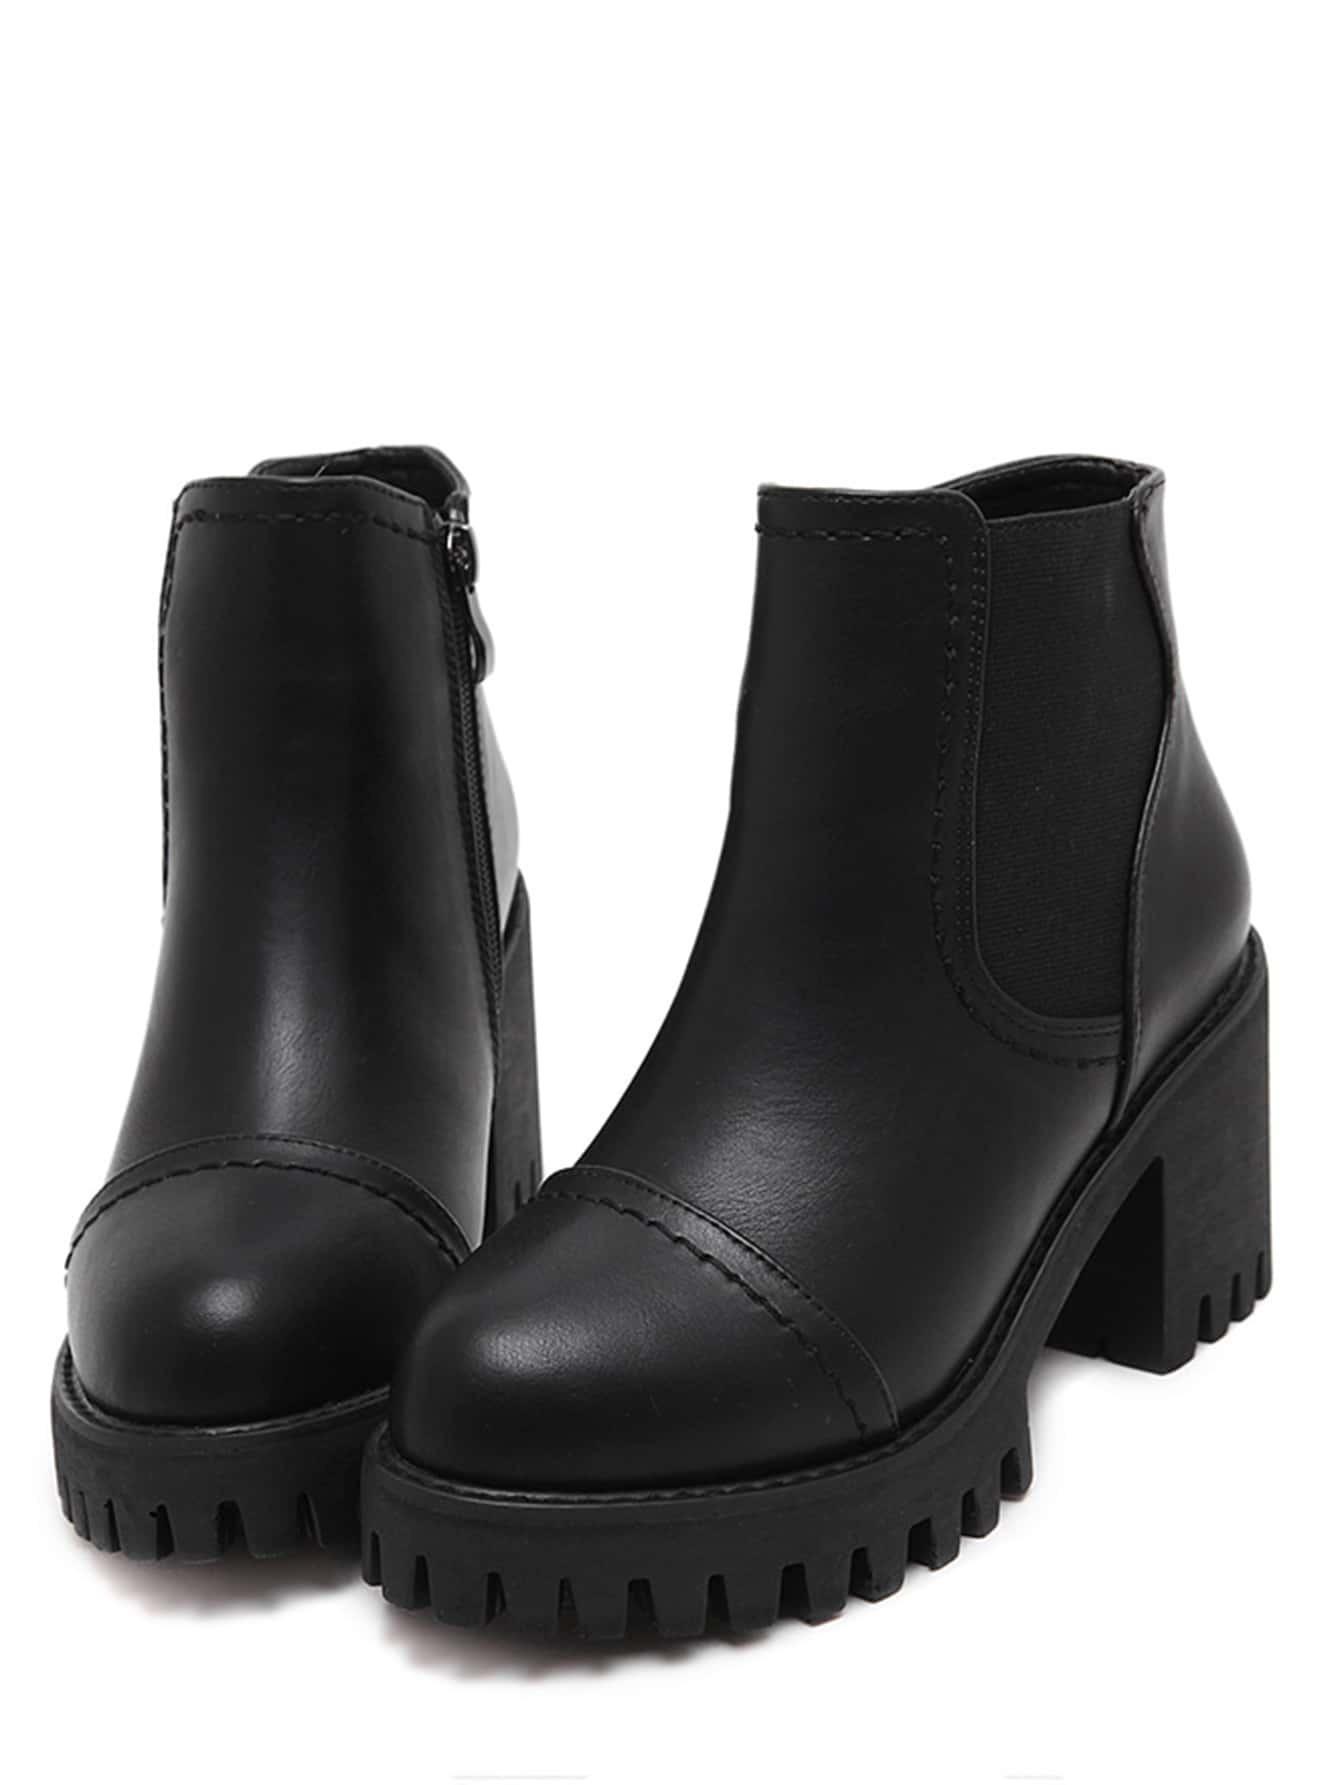 shoes160823801_2